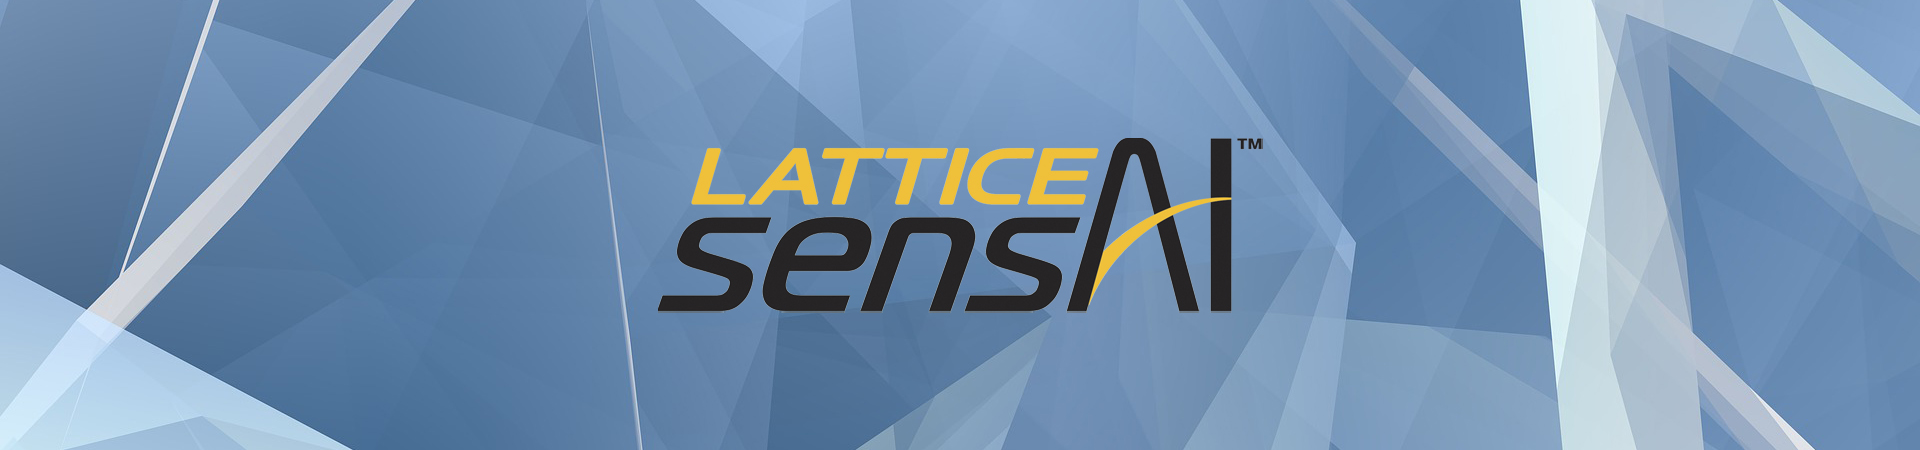 AI solutions on edge with Lattice sensAI